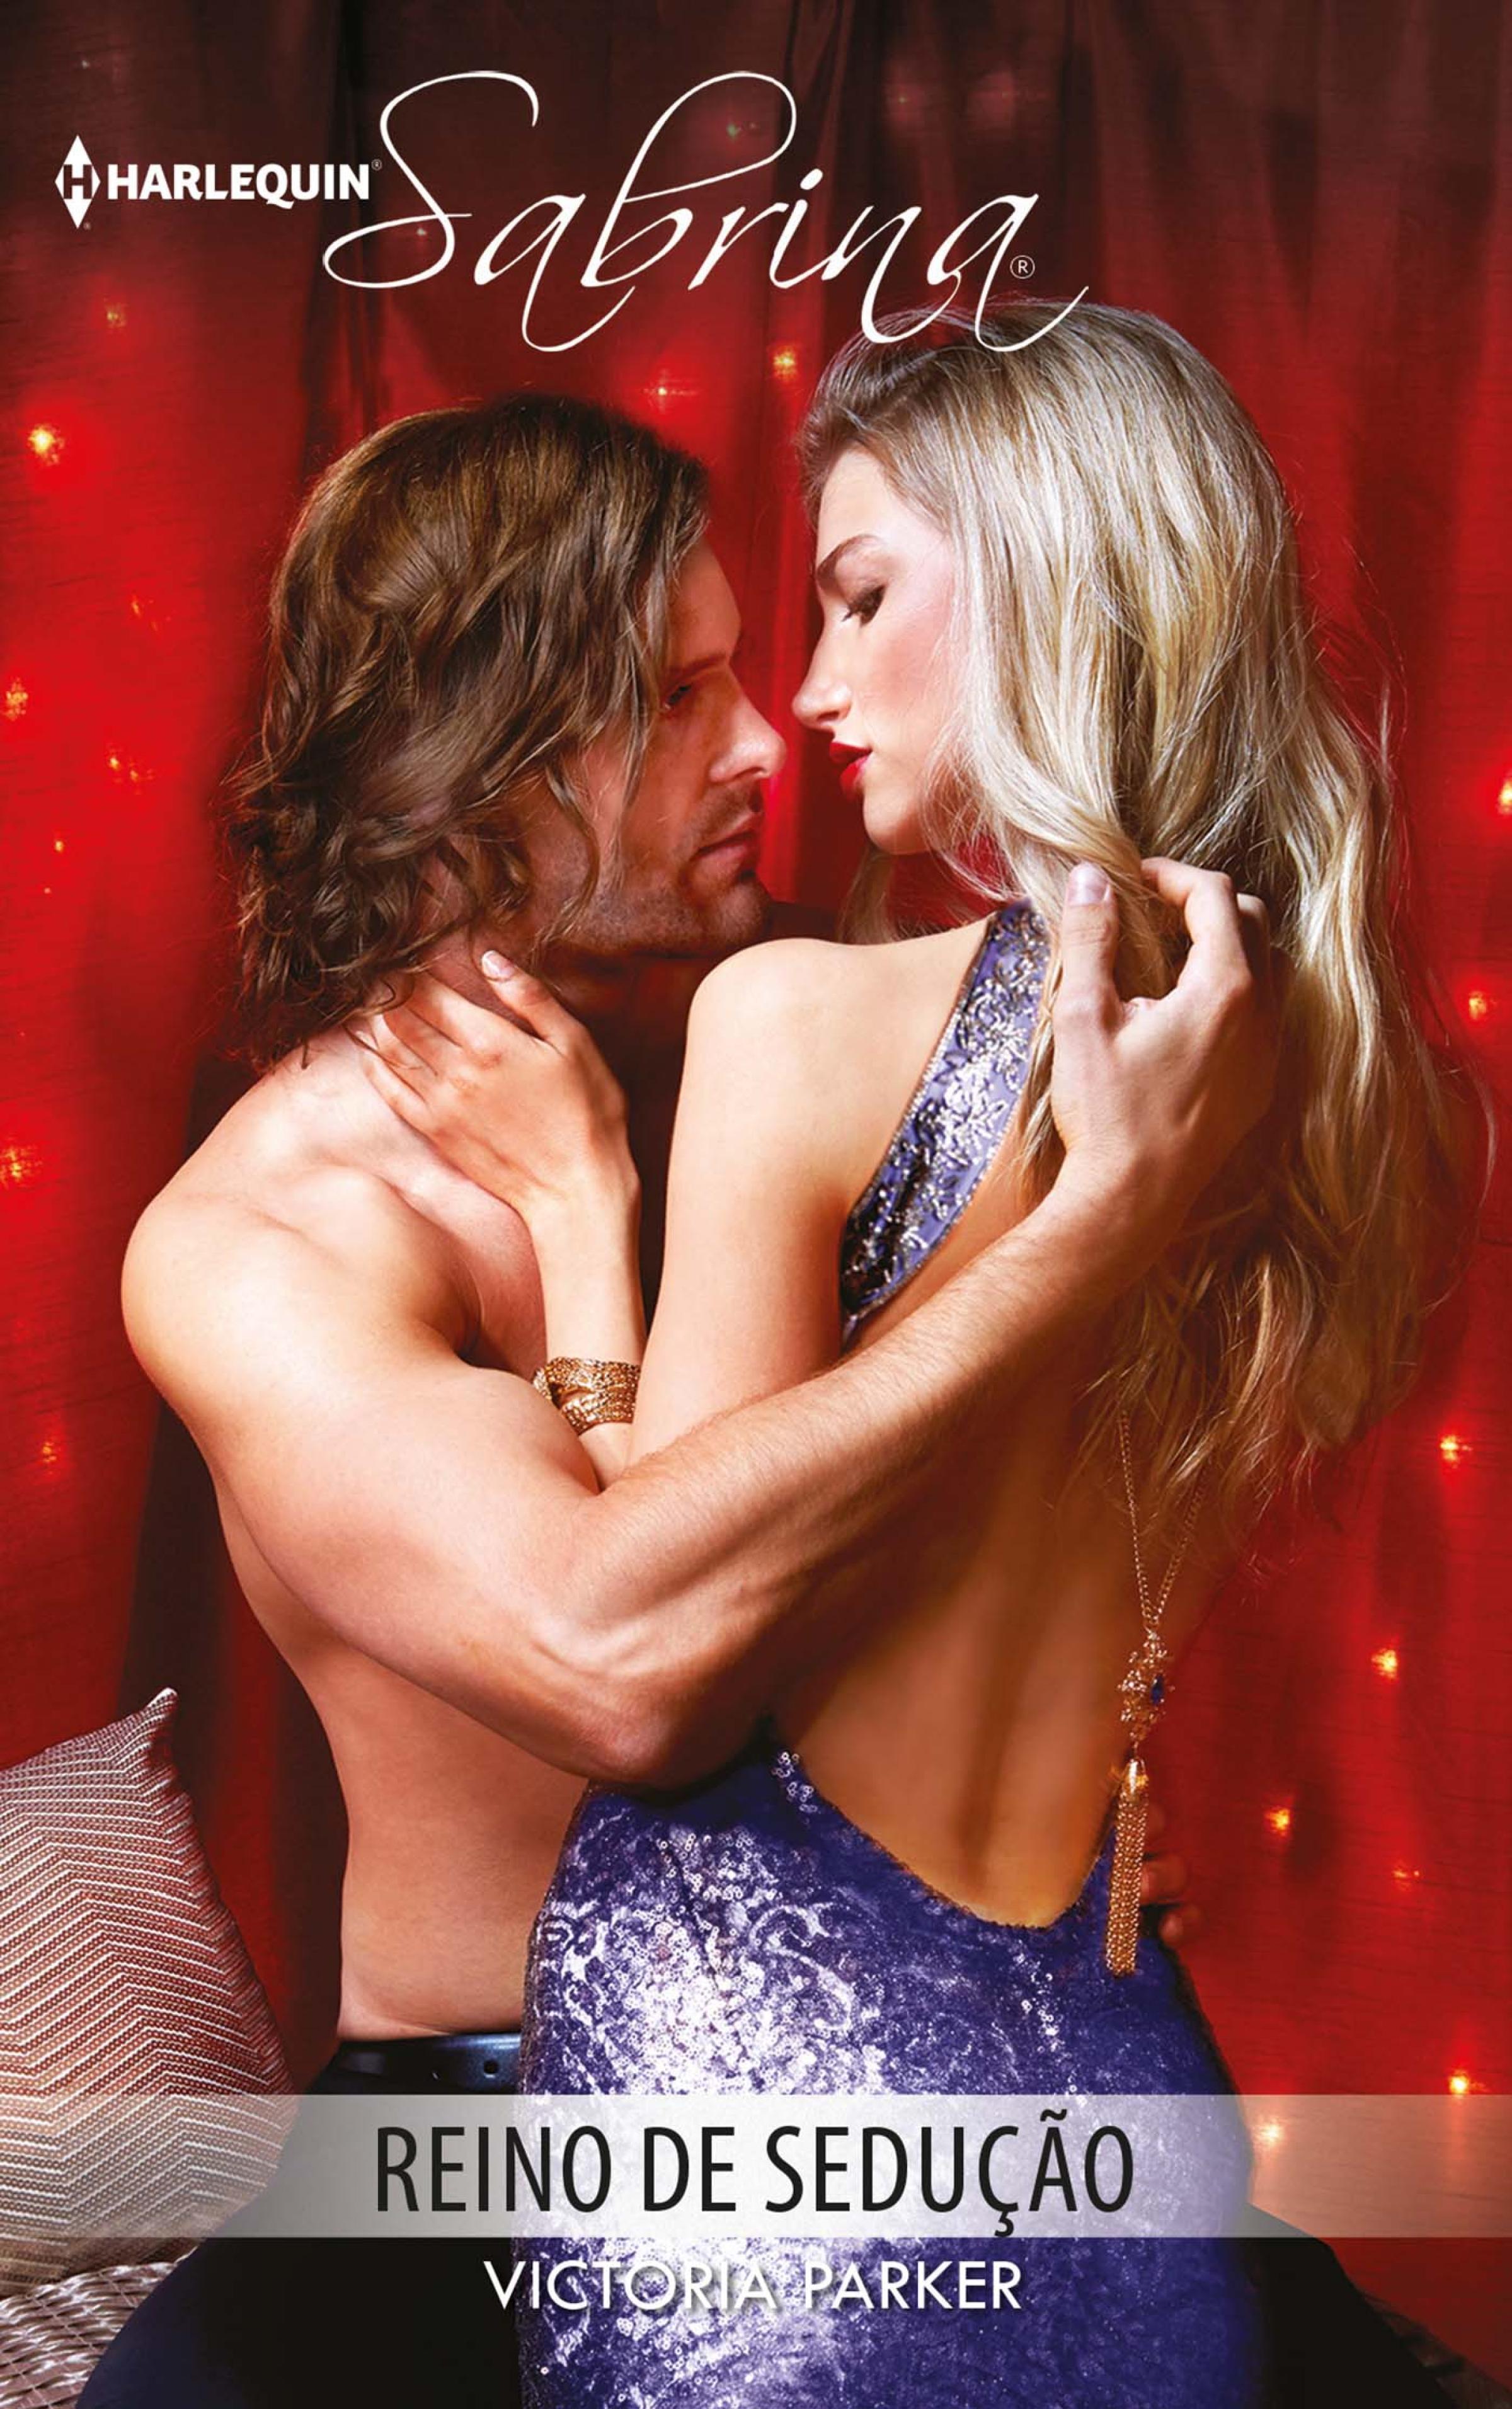 купить Victoria Parker Reino de sedução дешево